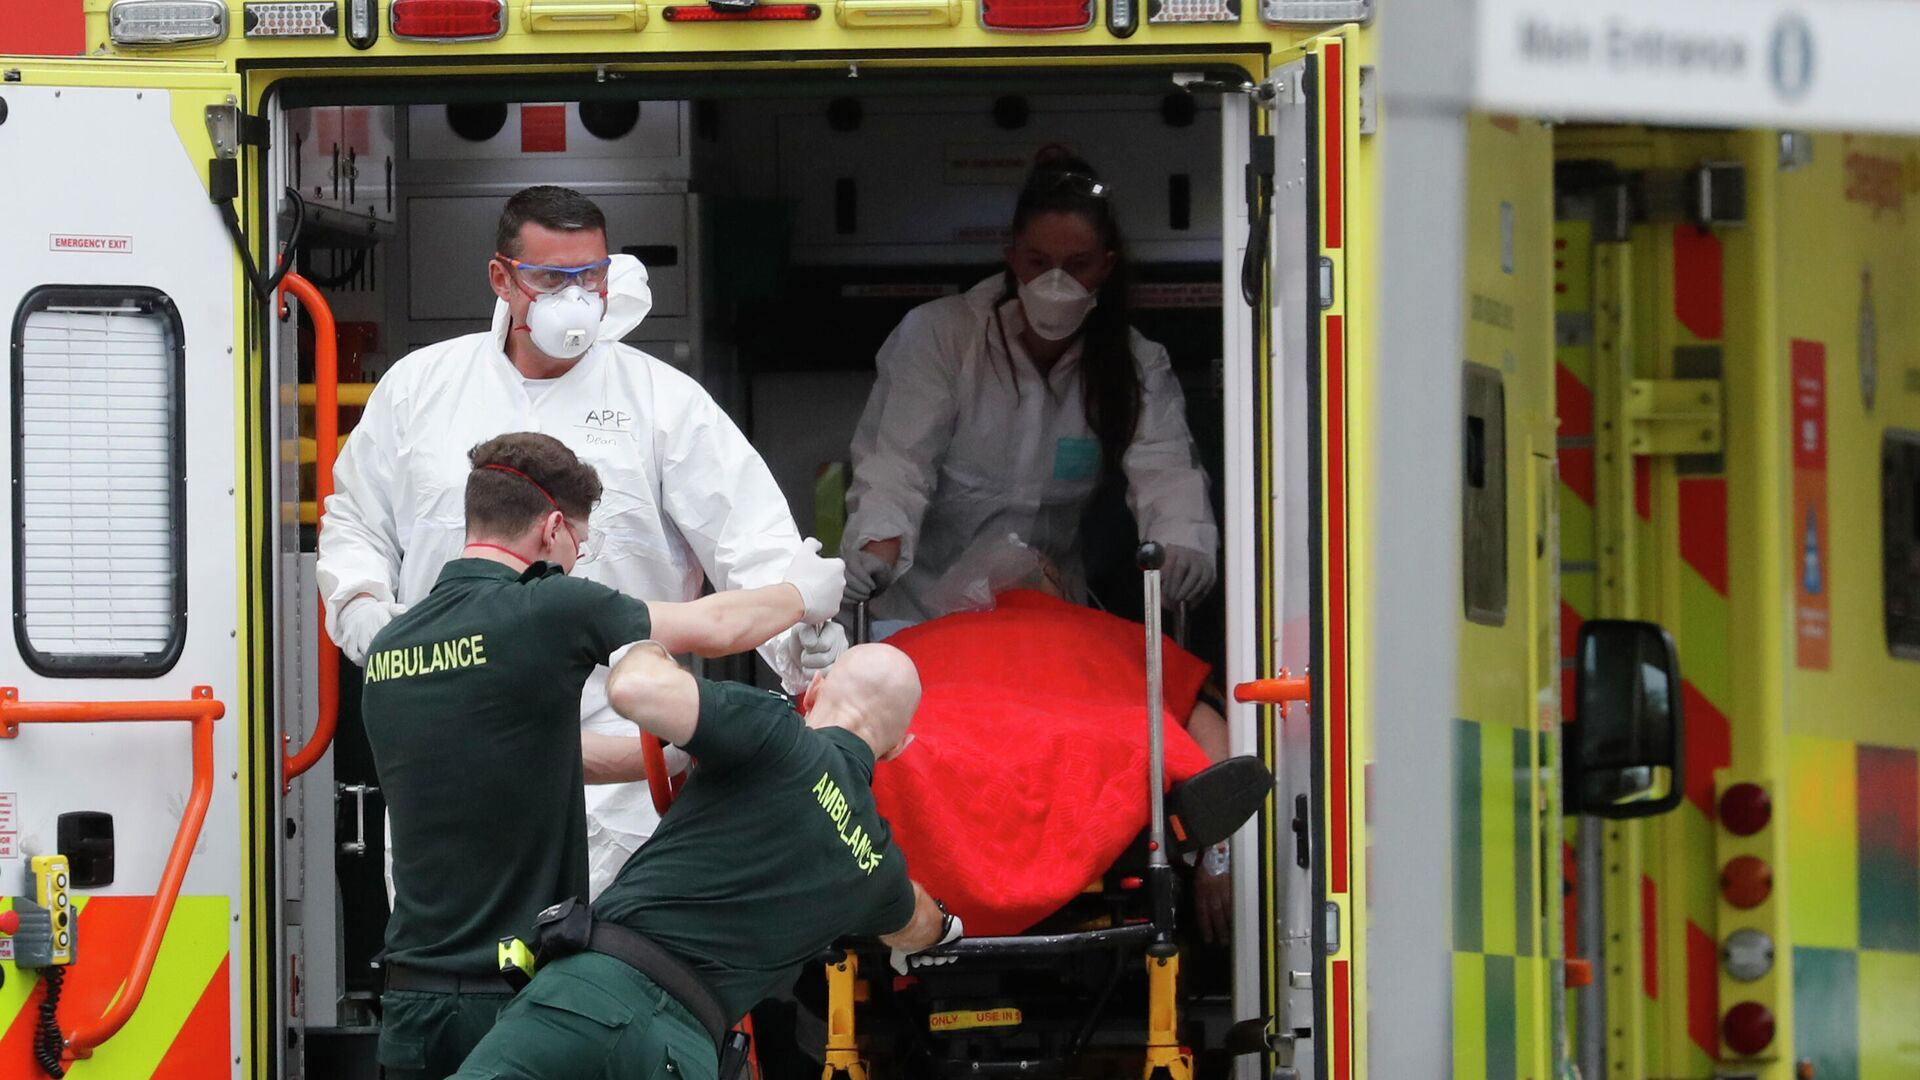 Медицинские сотрудники в защитных костюмах, доставляют пациента в больницу Святого Томаса в Лондоне, Британия - РИА Новости, 1920, 16.11.2020